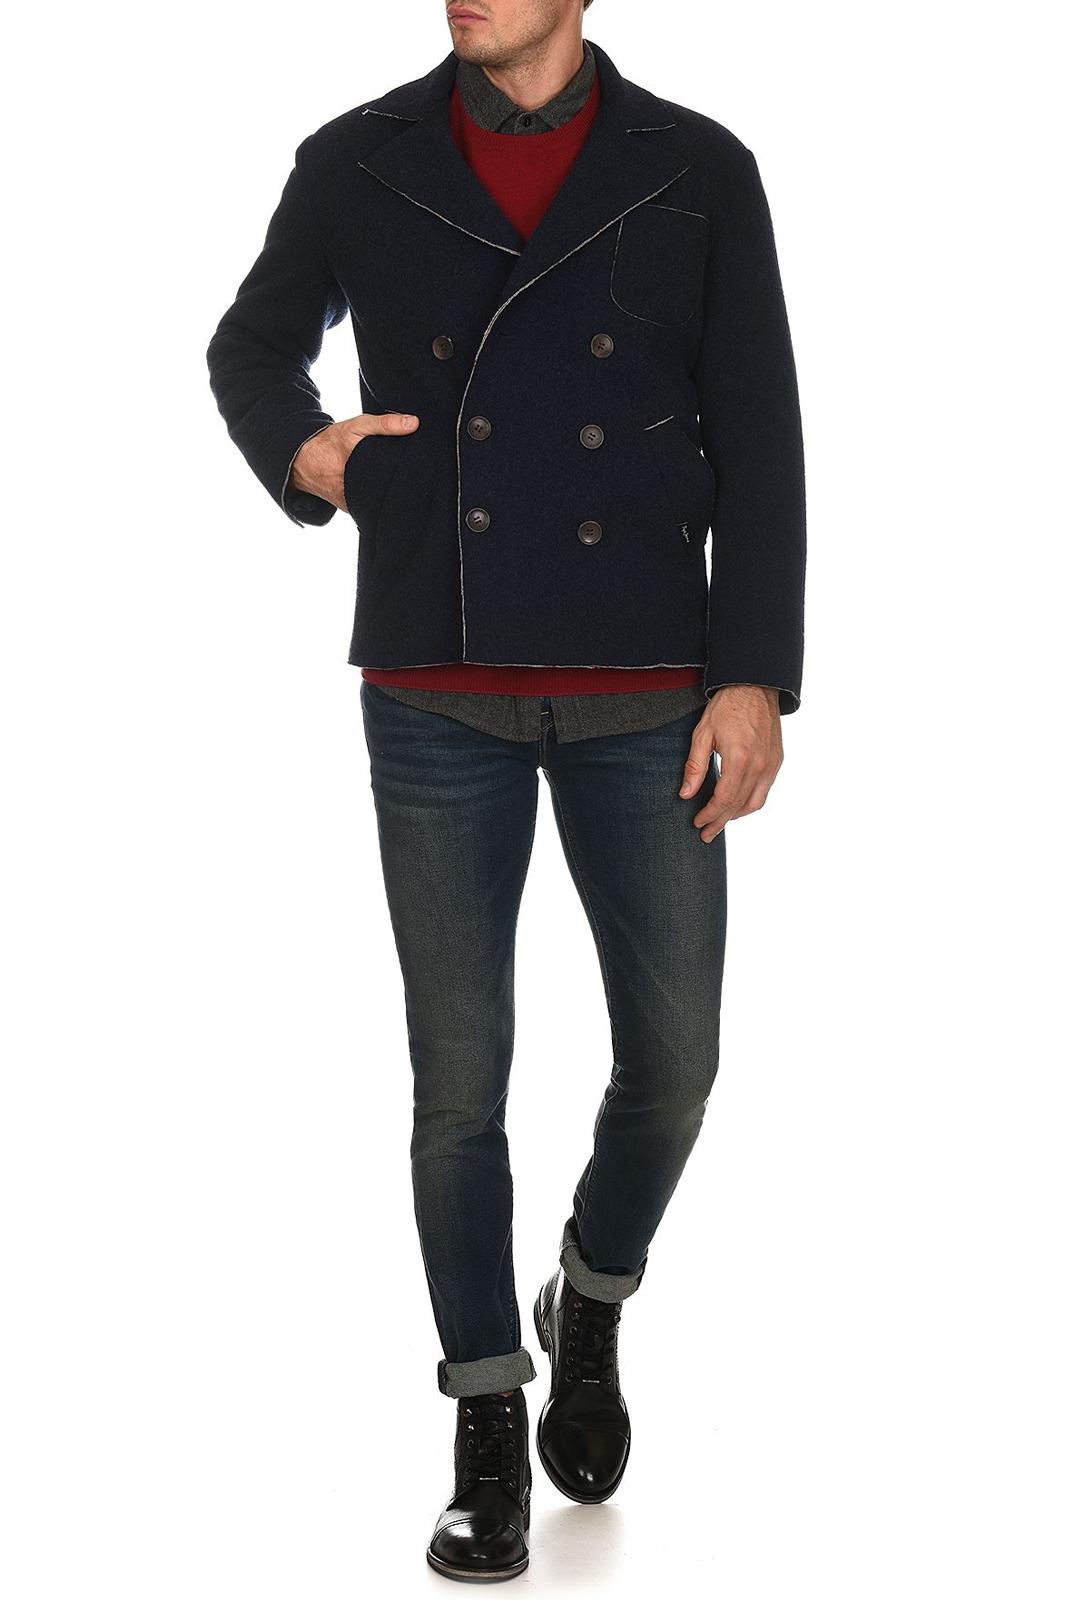 Manteaux / Caban  Pepe jeans PM401254 580